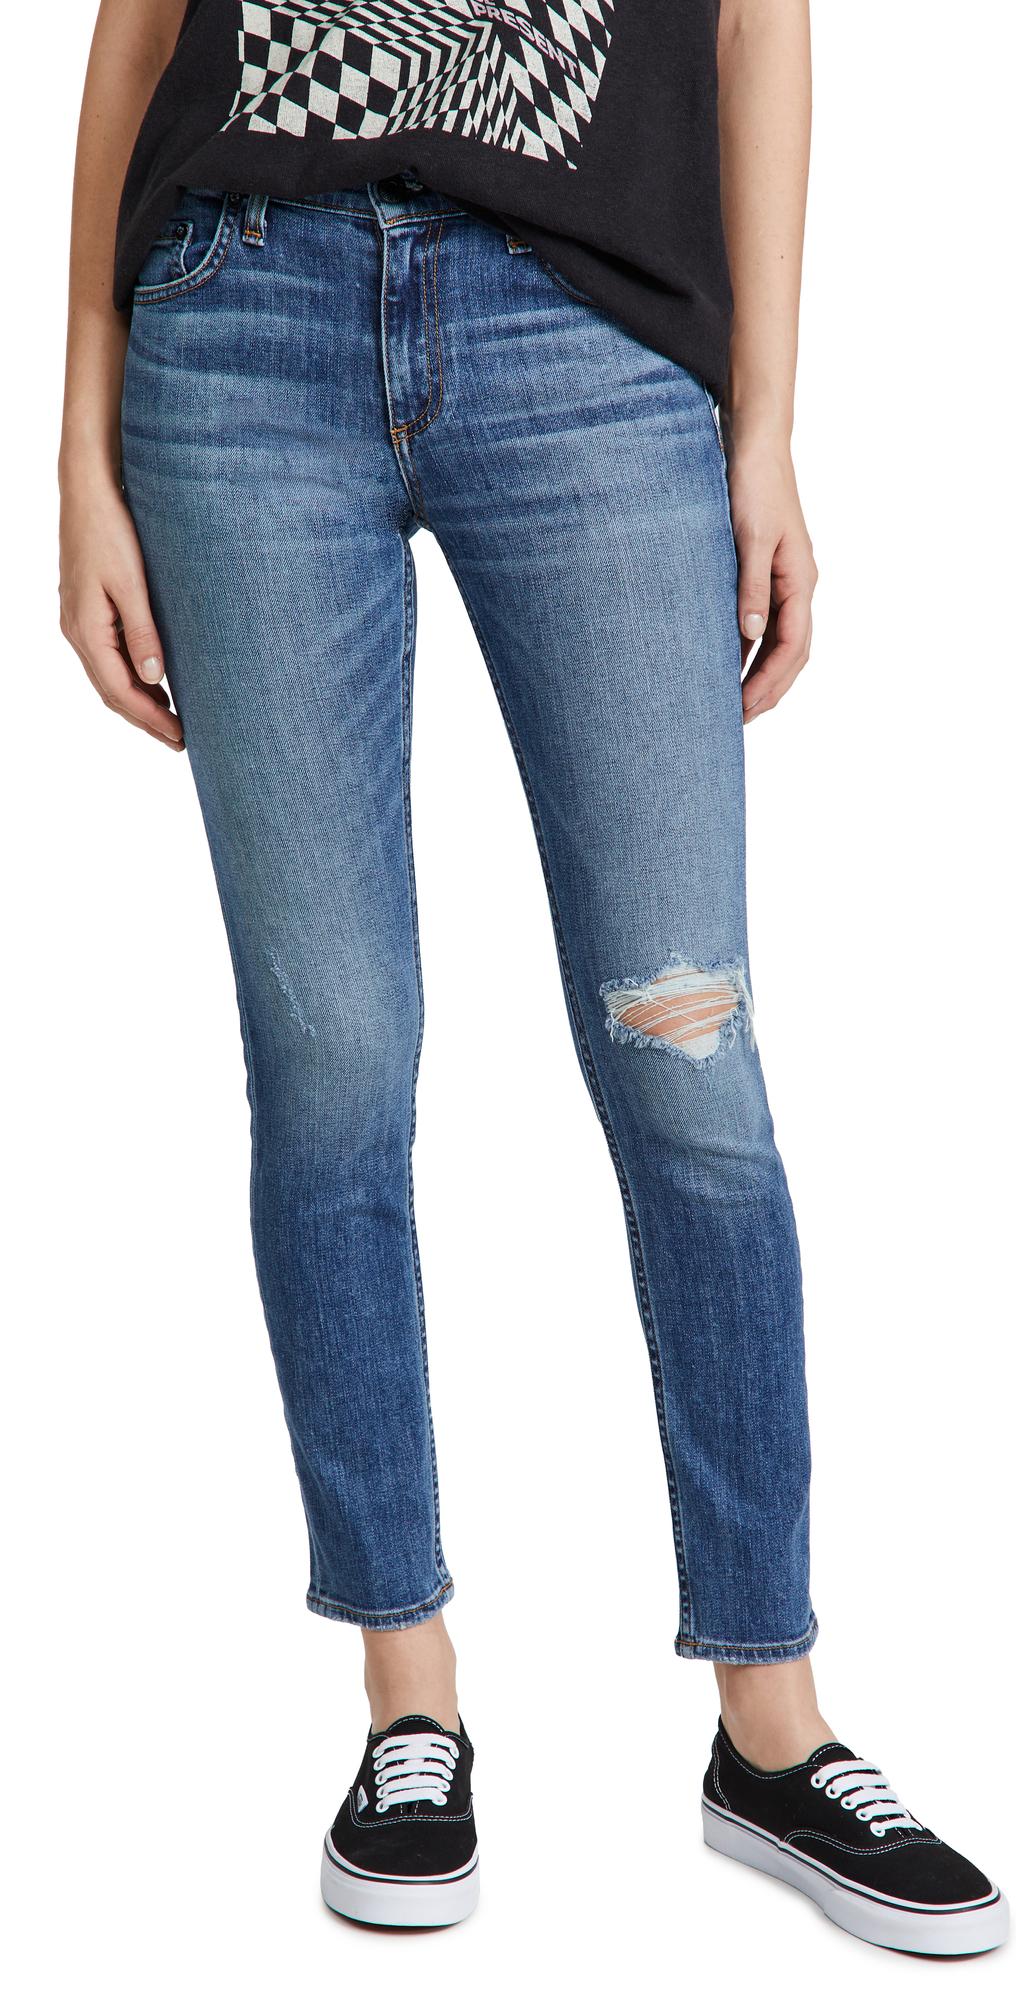 Jax Jeans